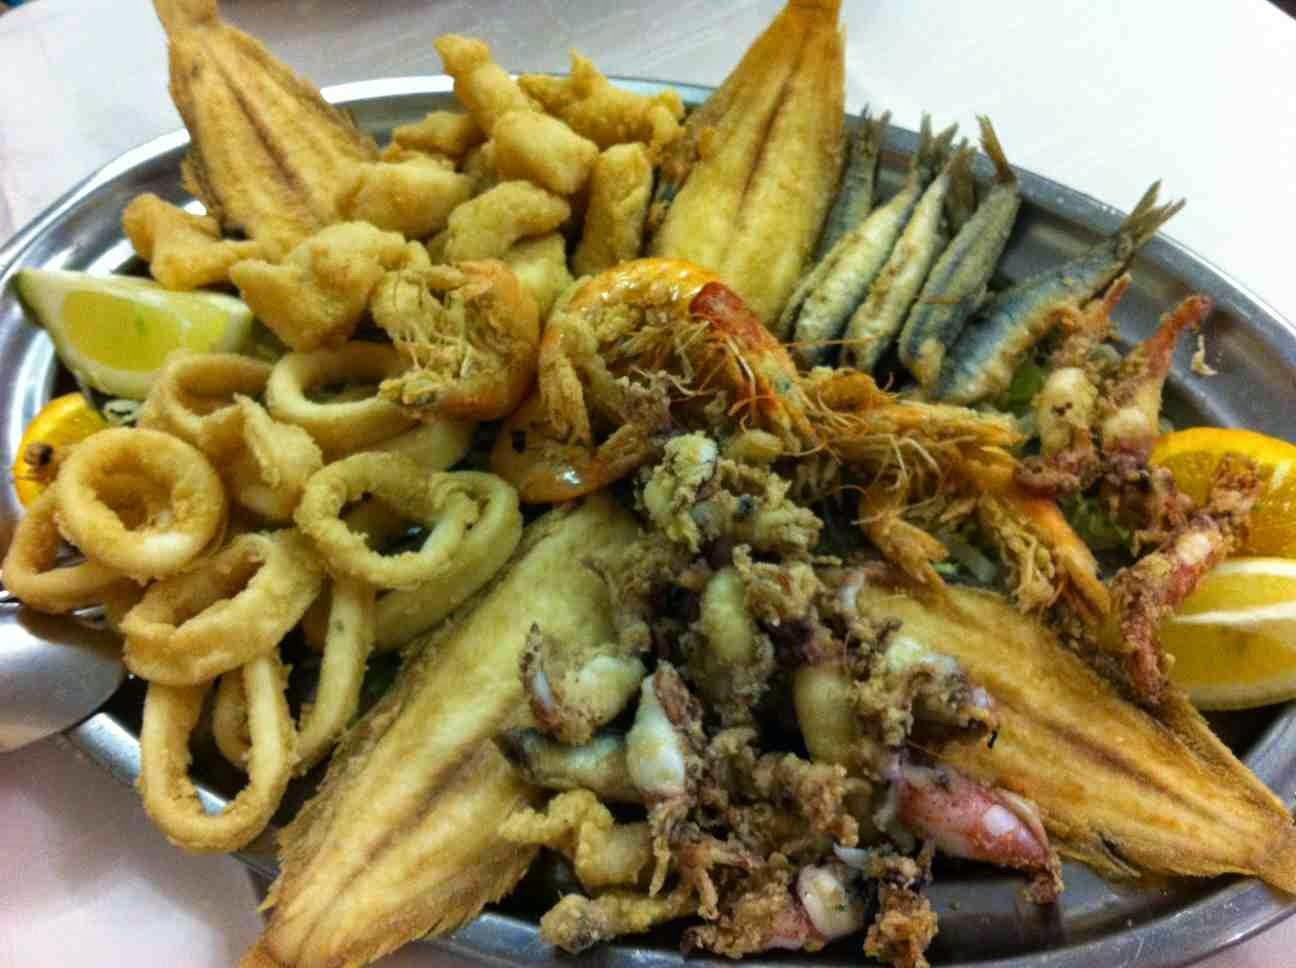 pescaito frito en Sevilla